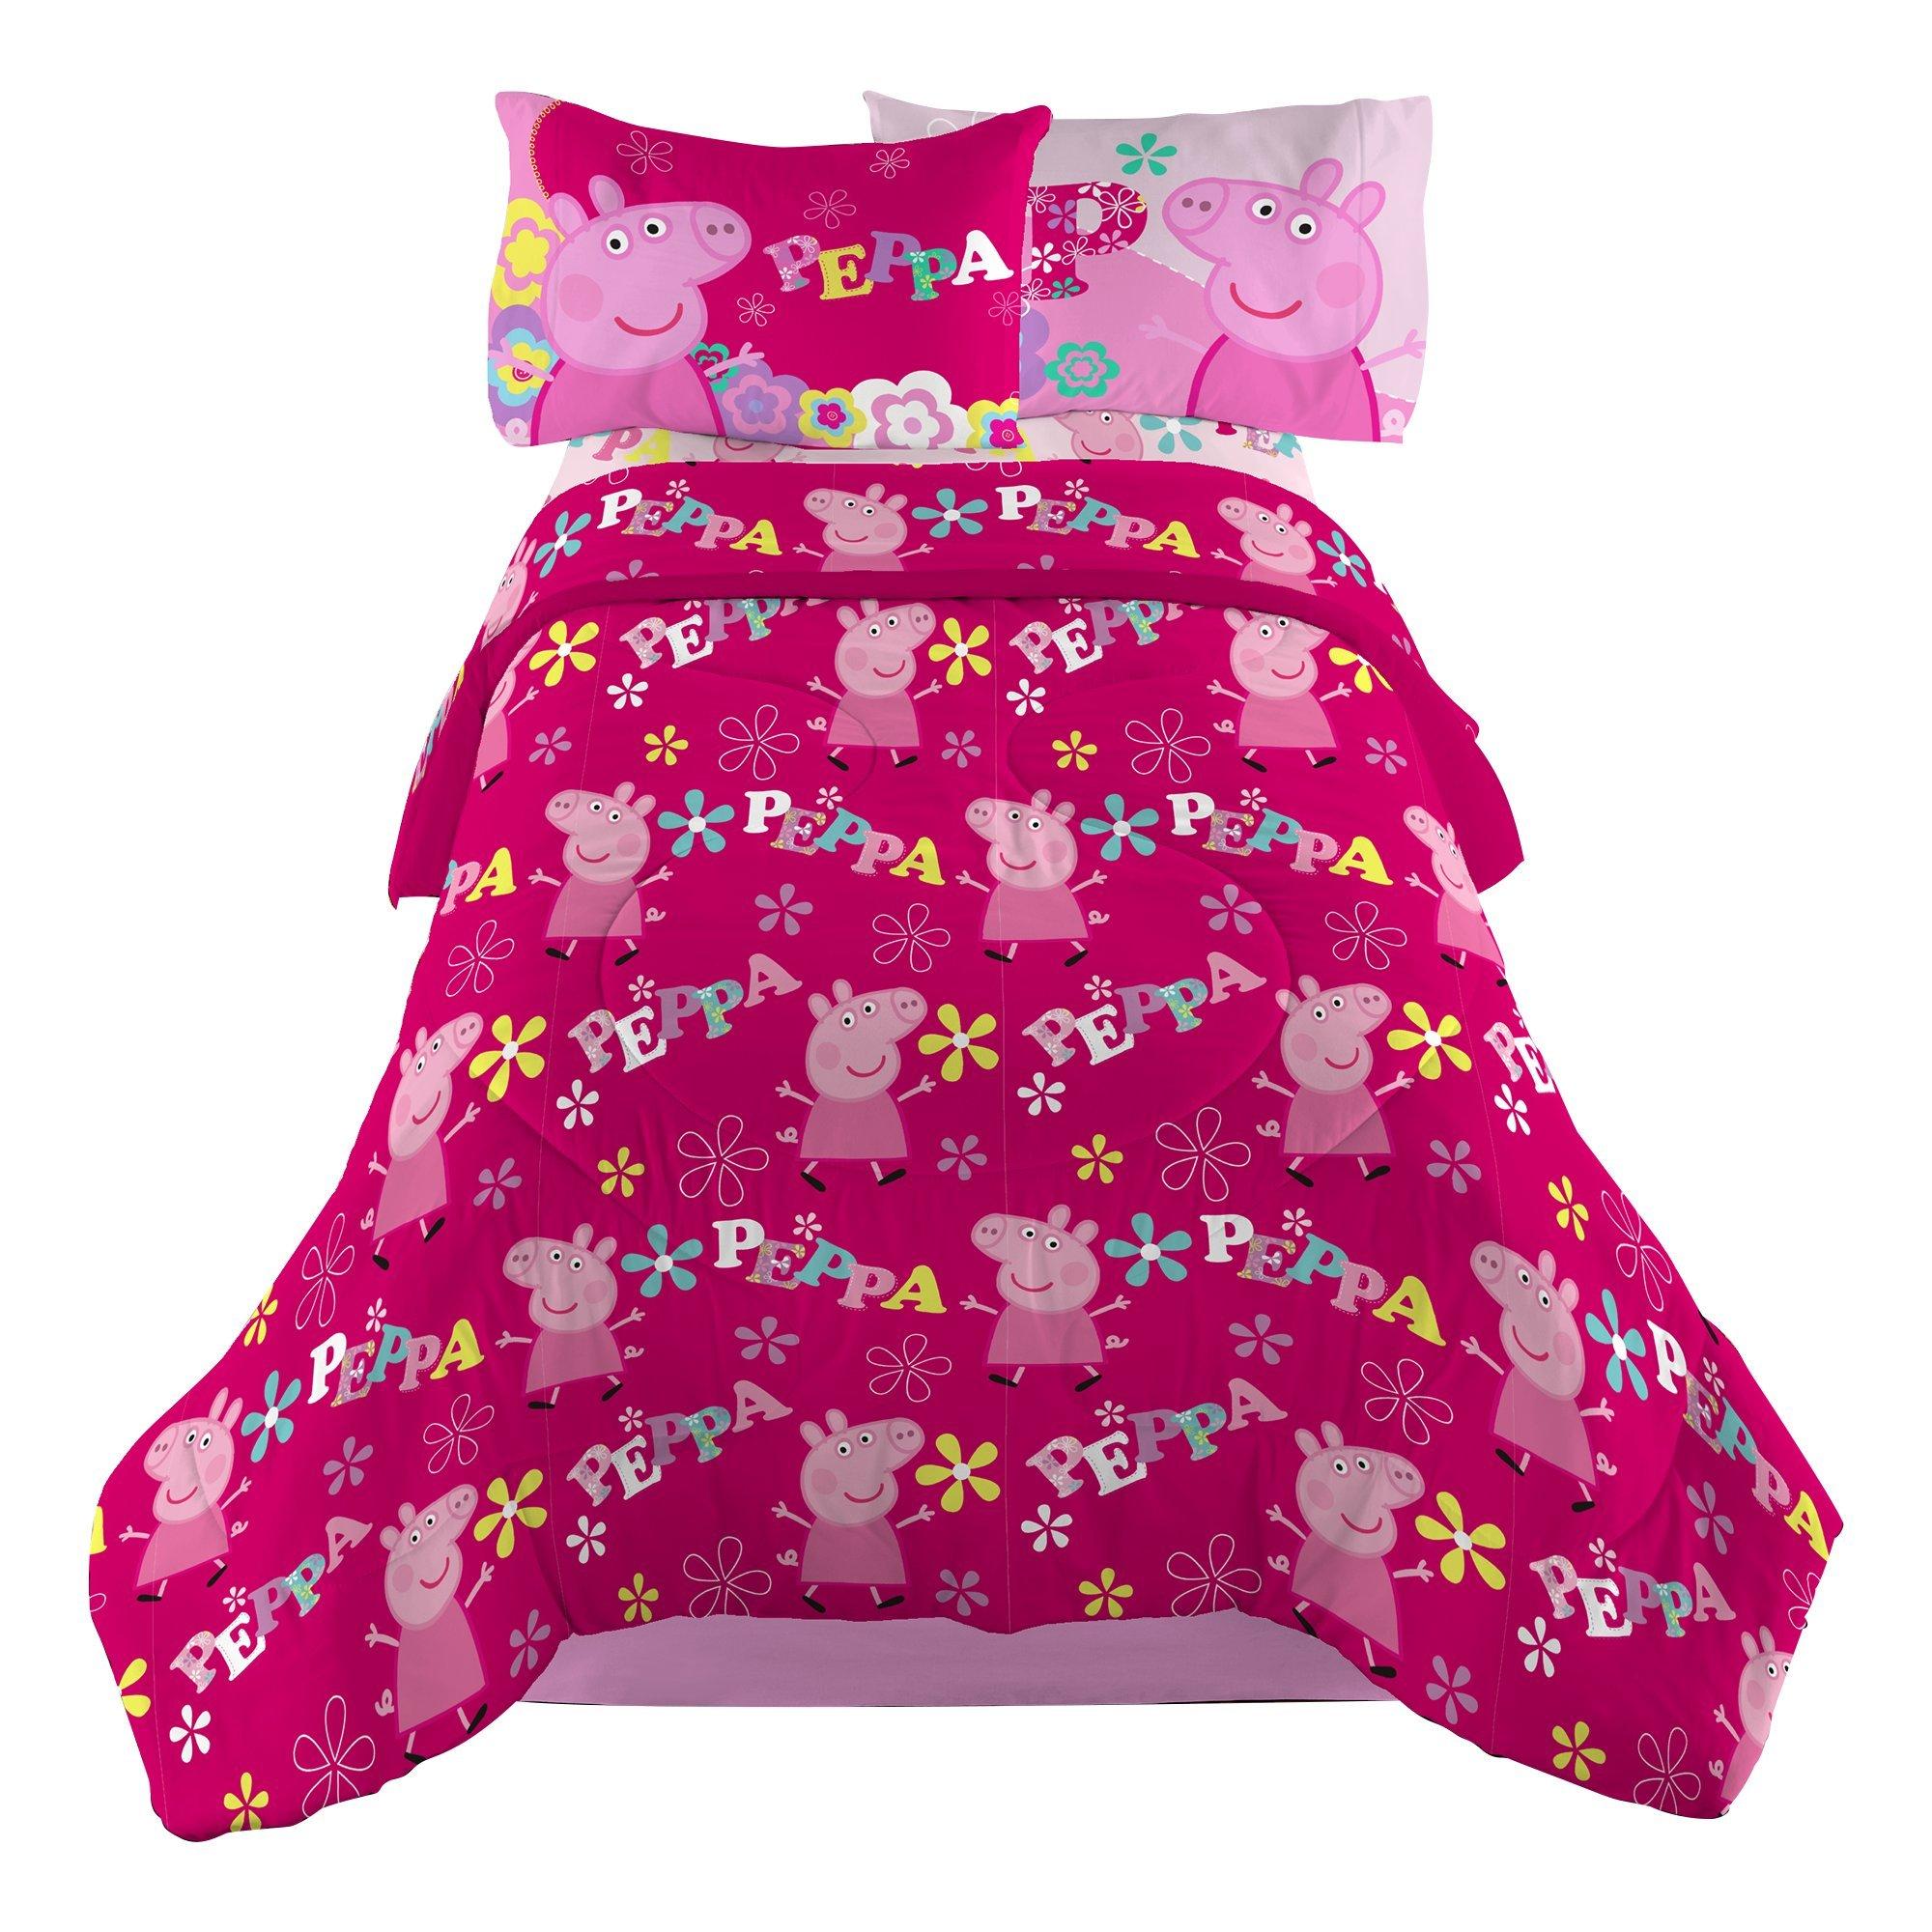 Entertainment One ''Peppa Pig Tweet Tweet Oink Microfiber Comforter, Twin